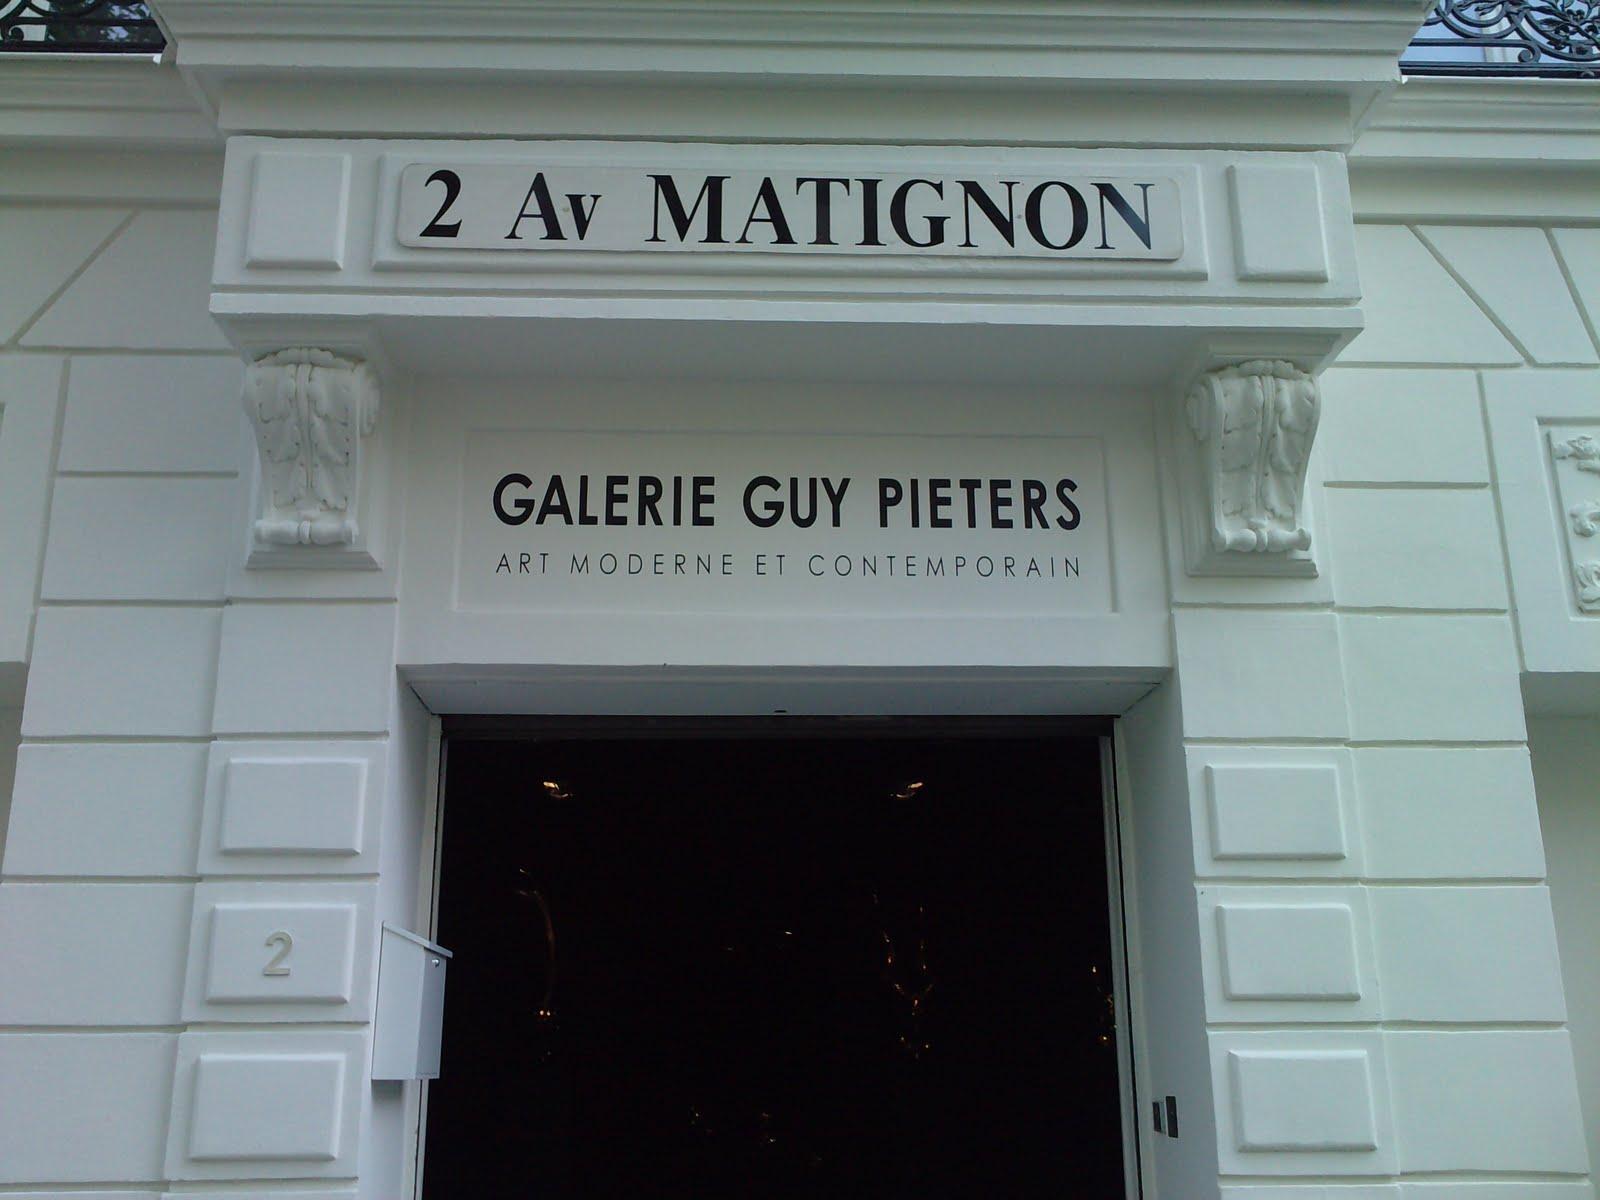 Guy Pieters Gallery